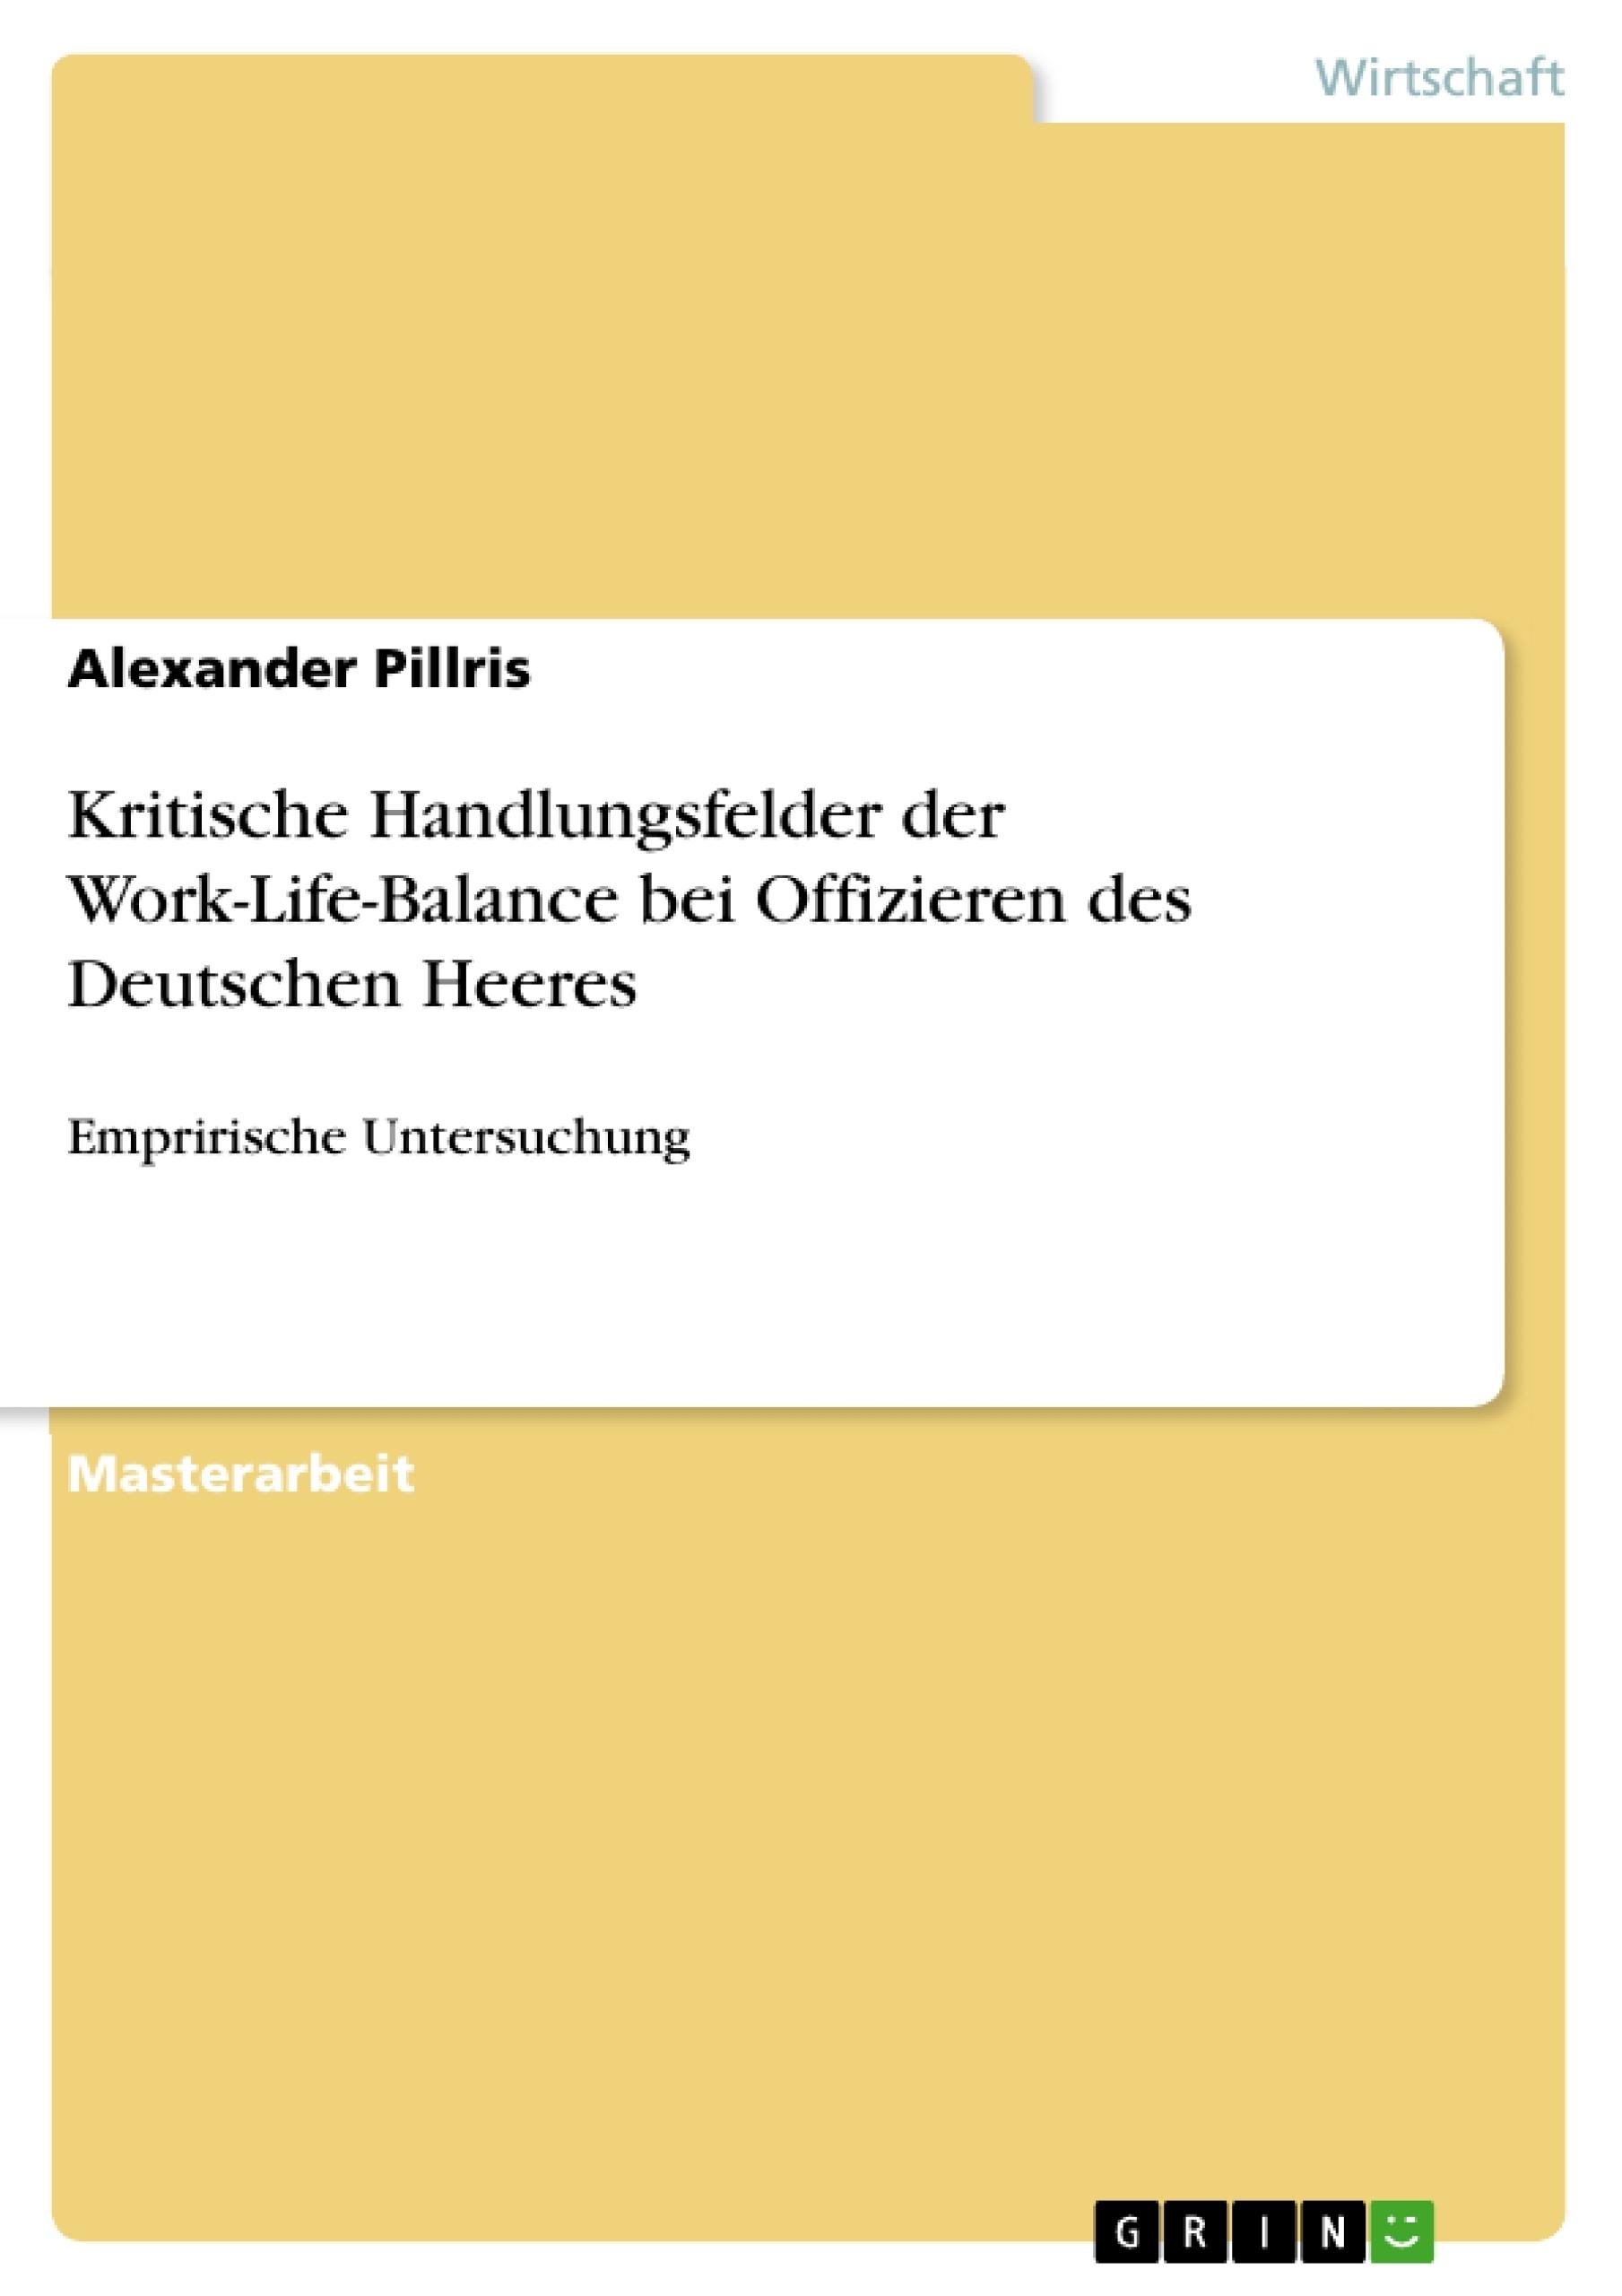 Titel: Kritische Handlungsfelder der Work-Life-Balance bei Offizieren des Deutschen Heeres